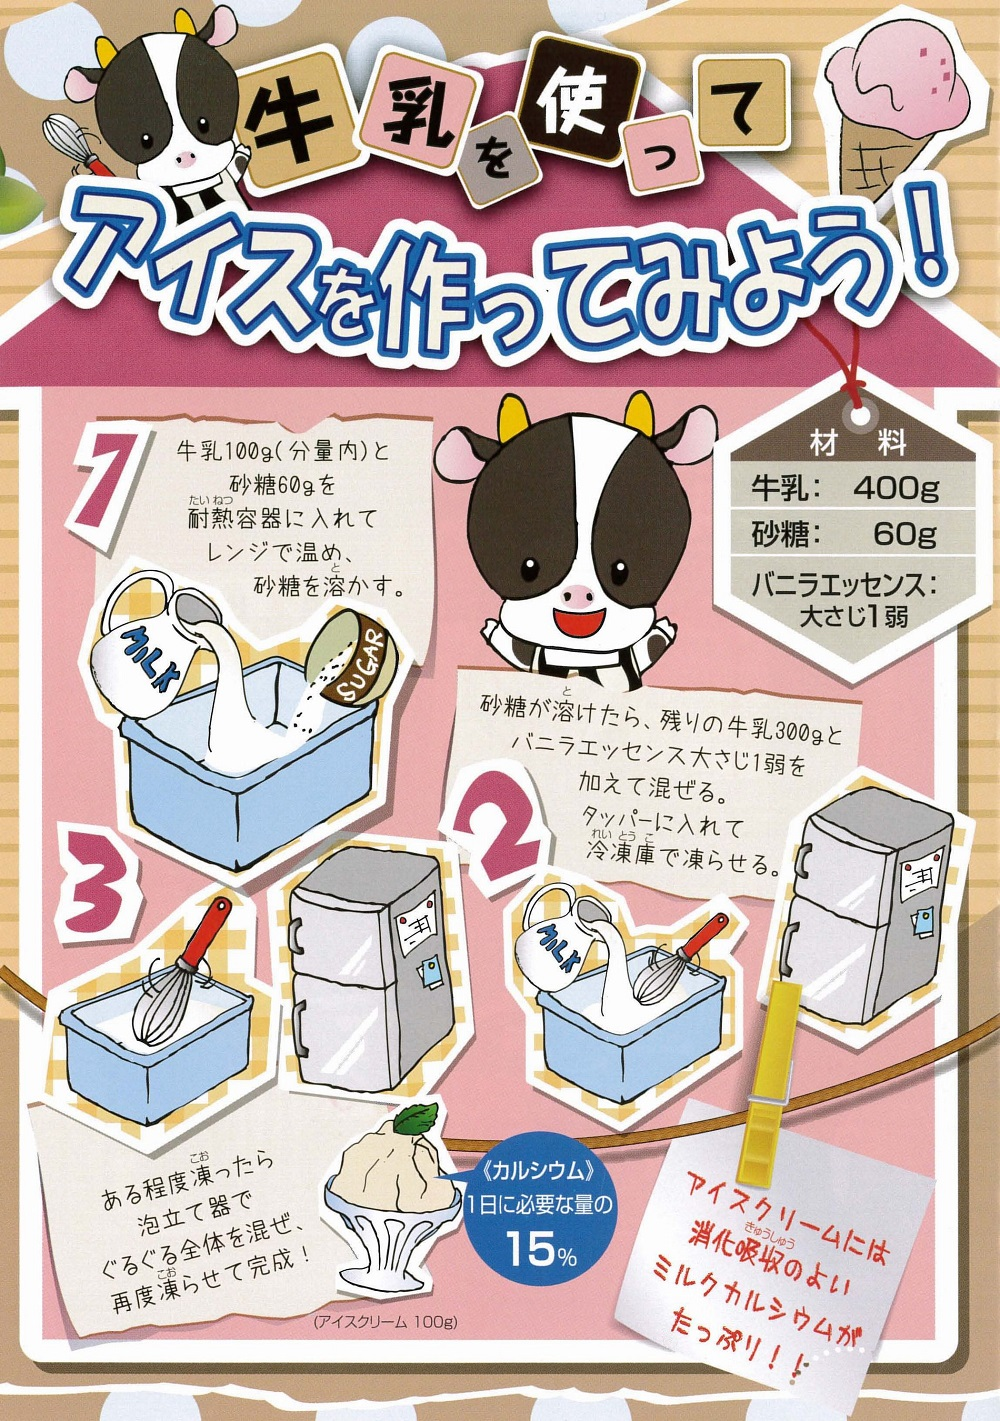 牛乳をのもう!_03